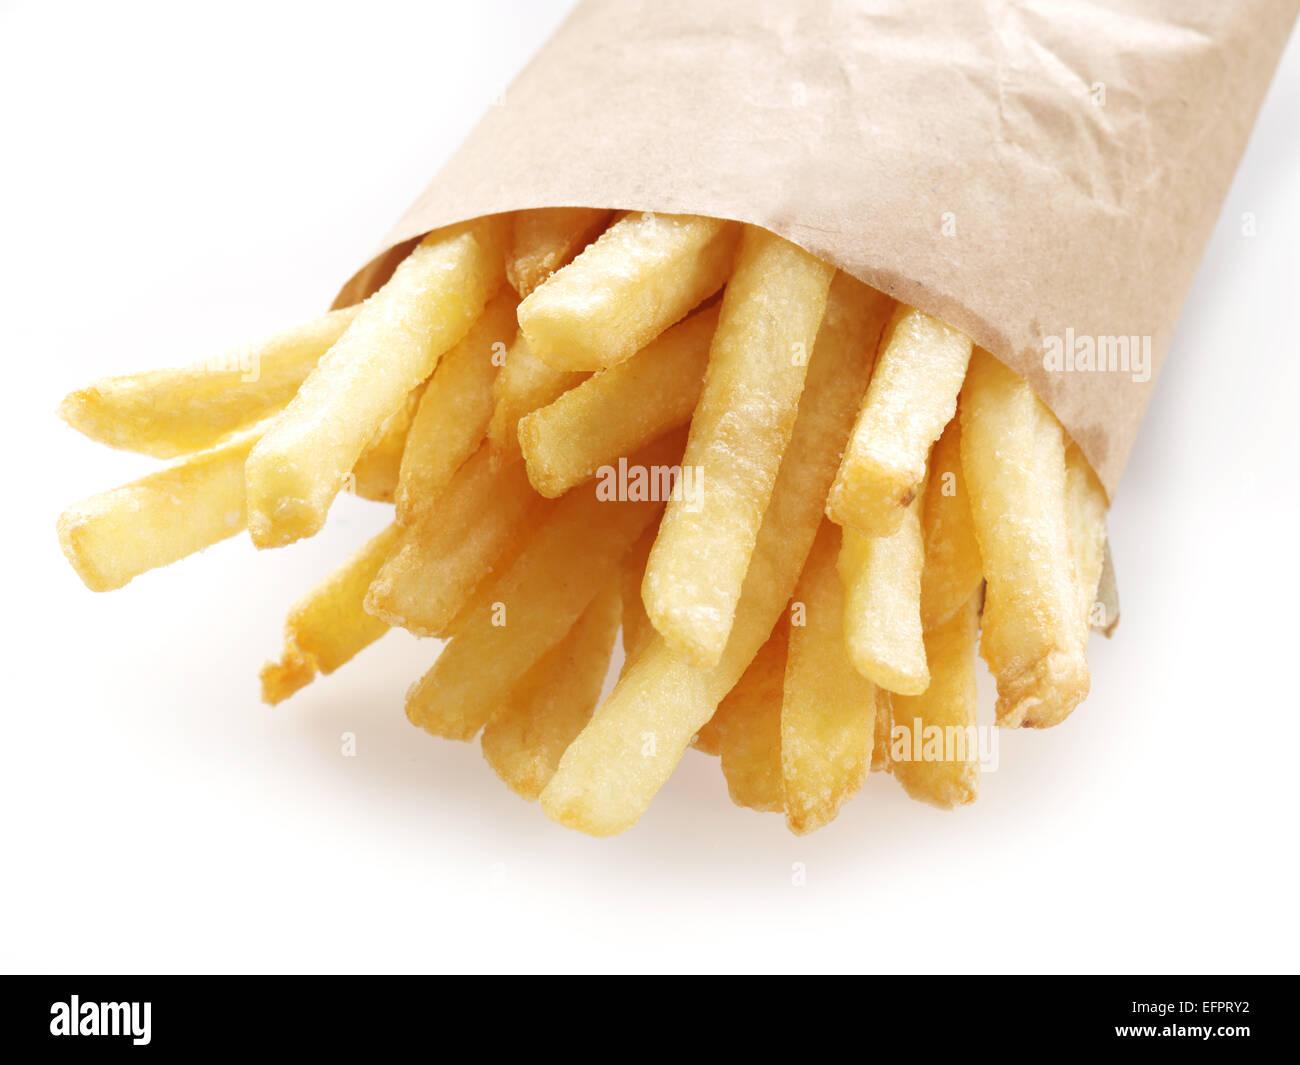 - Patate fritte su uno sfondo bianco. Immagini Stock